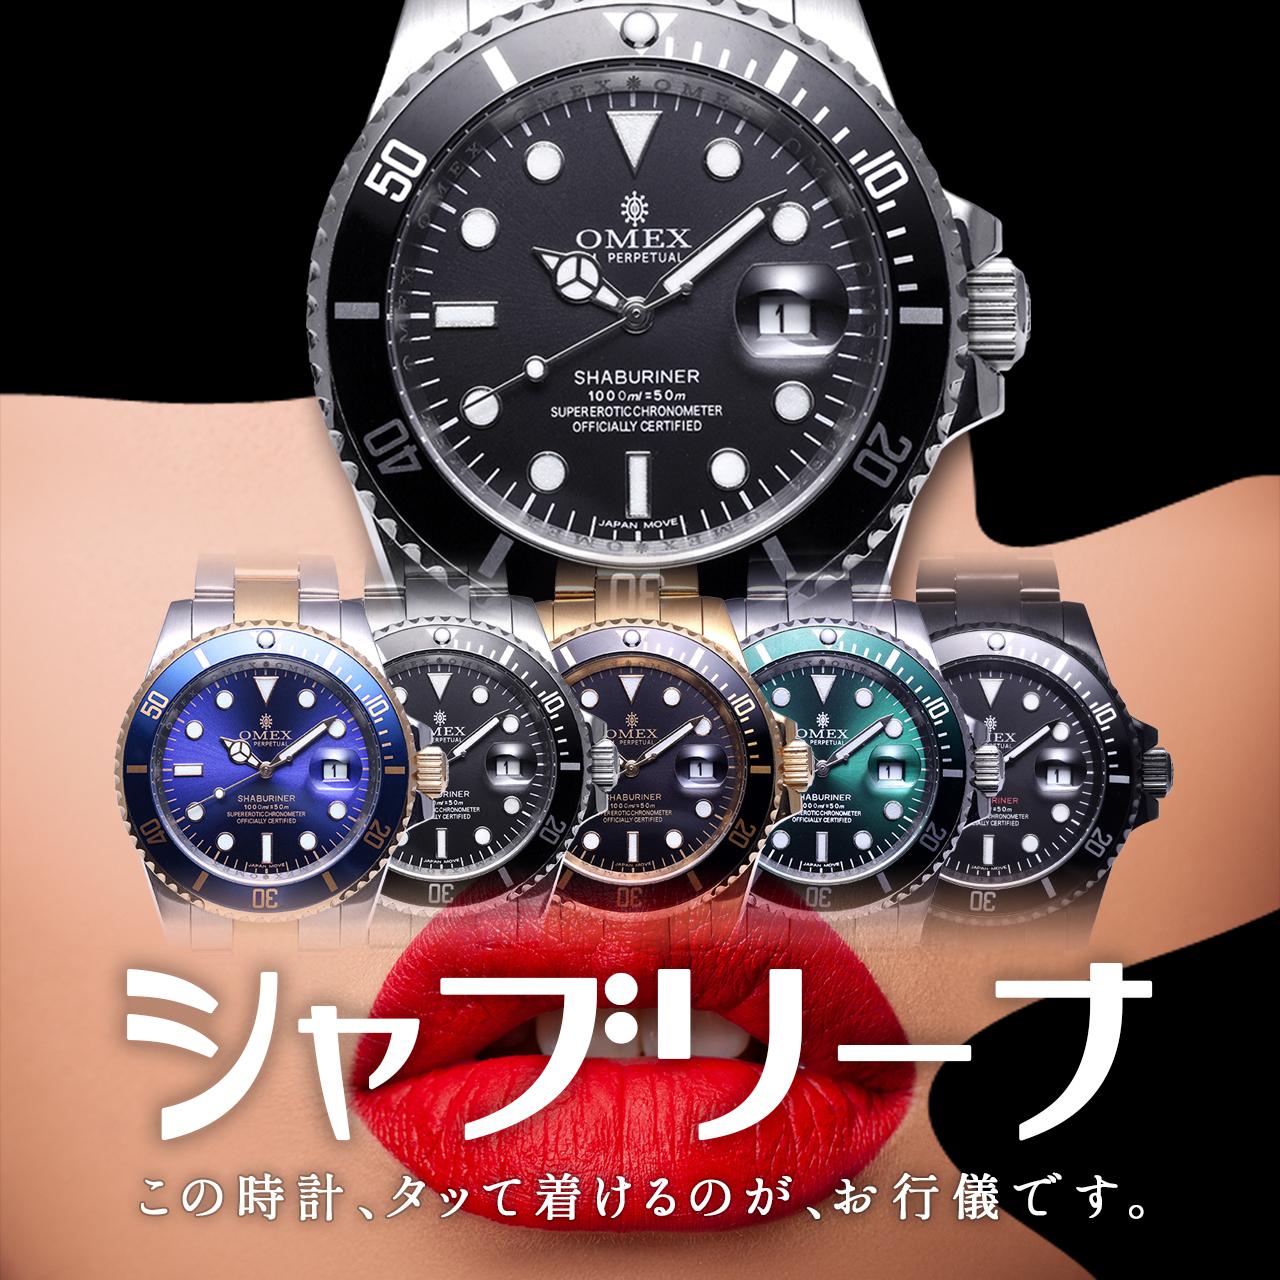 OMEX SHABURINER オメックス シャブリーナ メンズ 腕時計 日本製 ムーブメント 金時計 銀時計